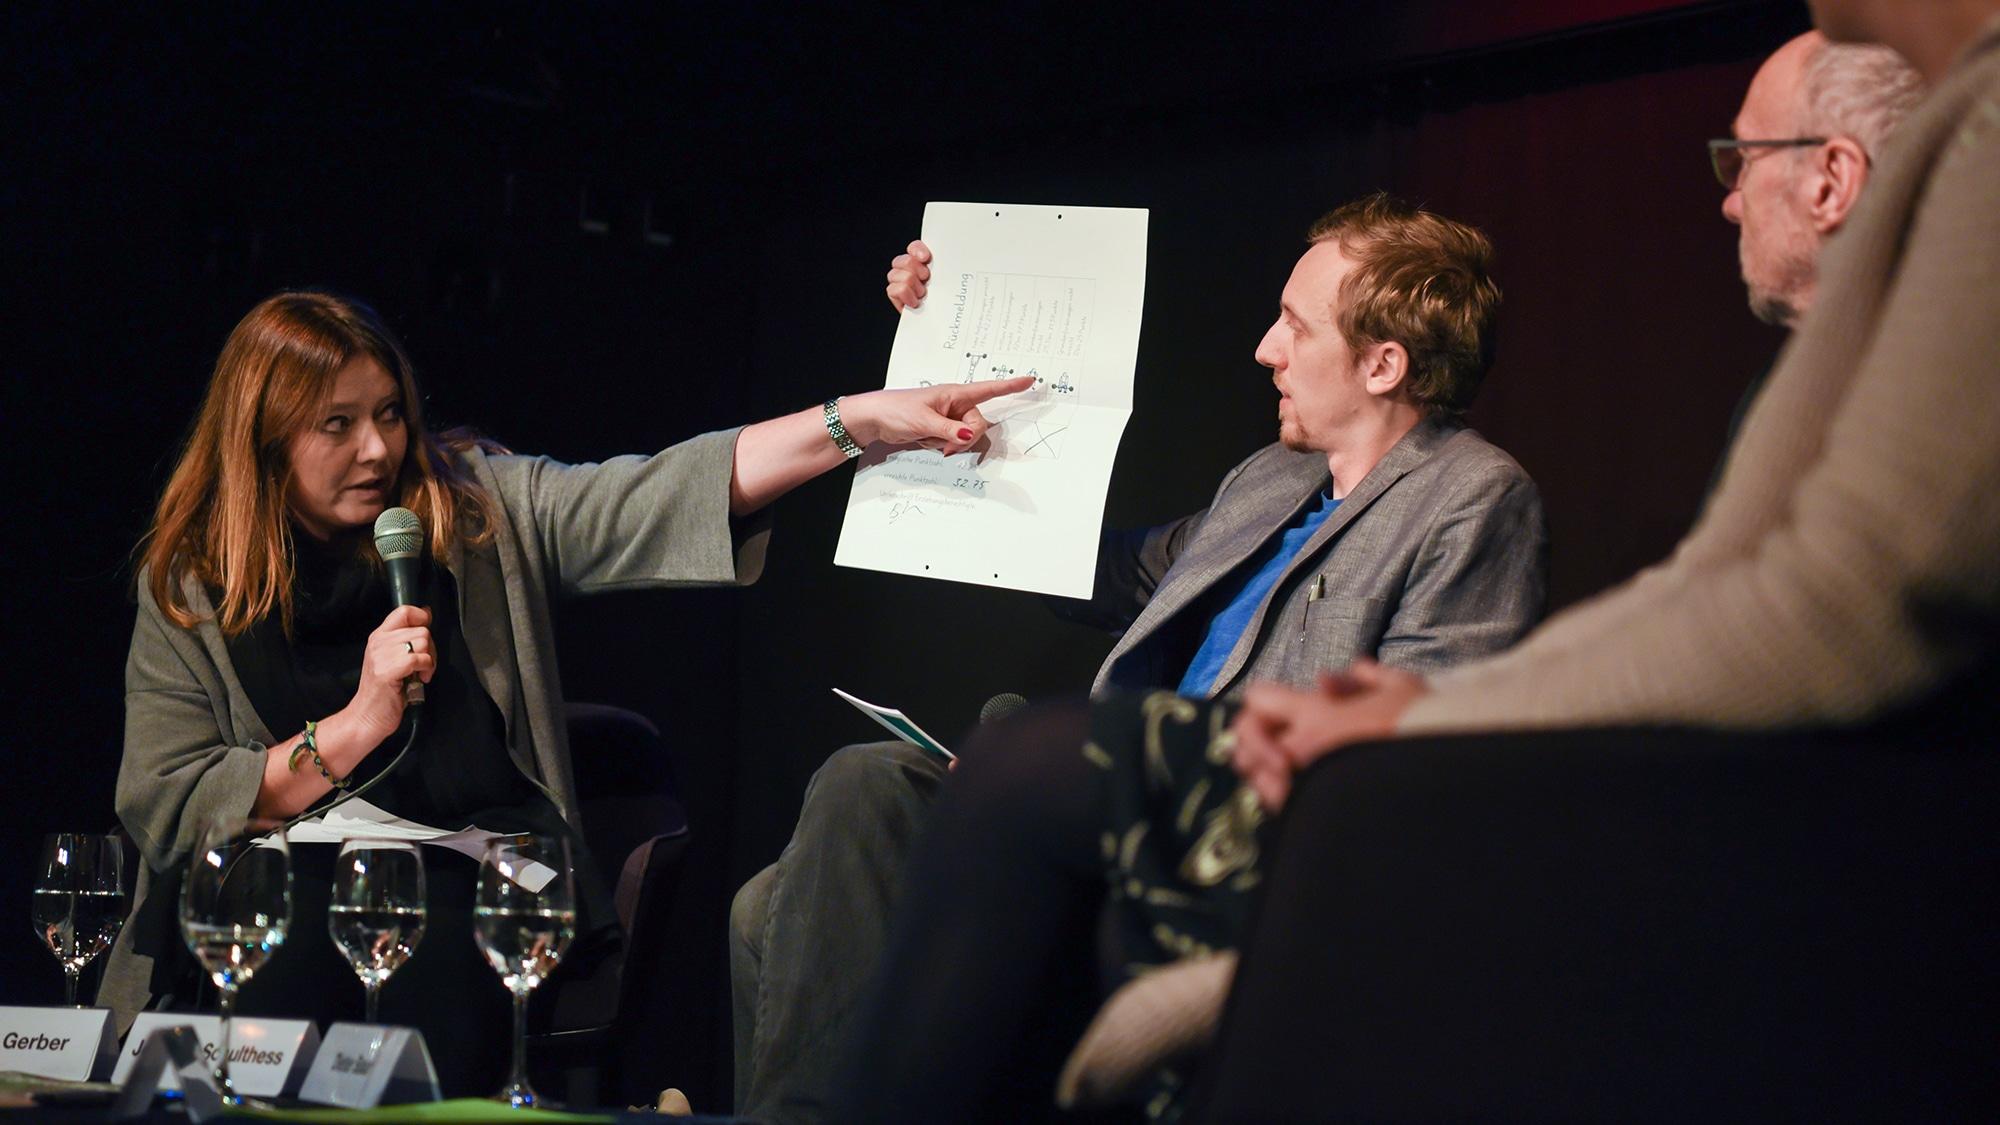 Wer zu wenig Punkte macht, ist ein «Schwächling»: Mutter Brigitta Gerber zeigt, wie ihr Sohn in einem Primarschüler-Test